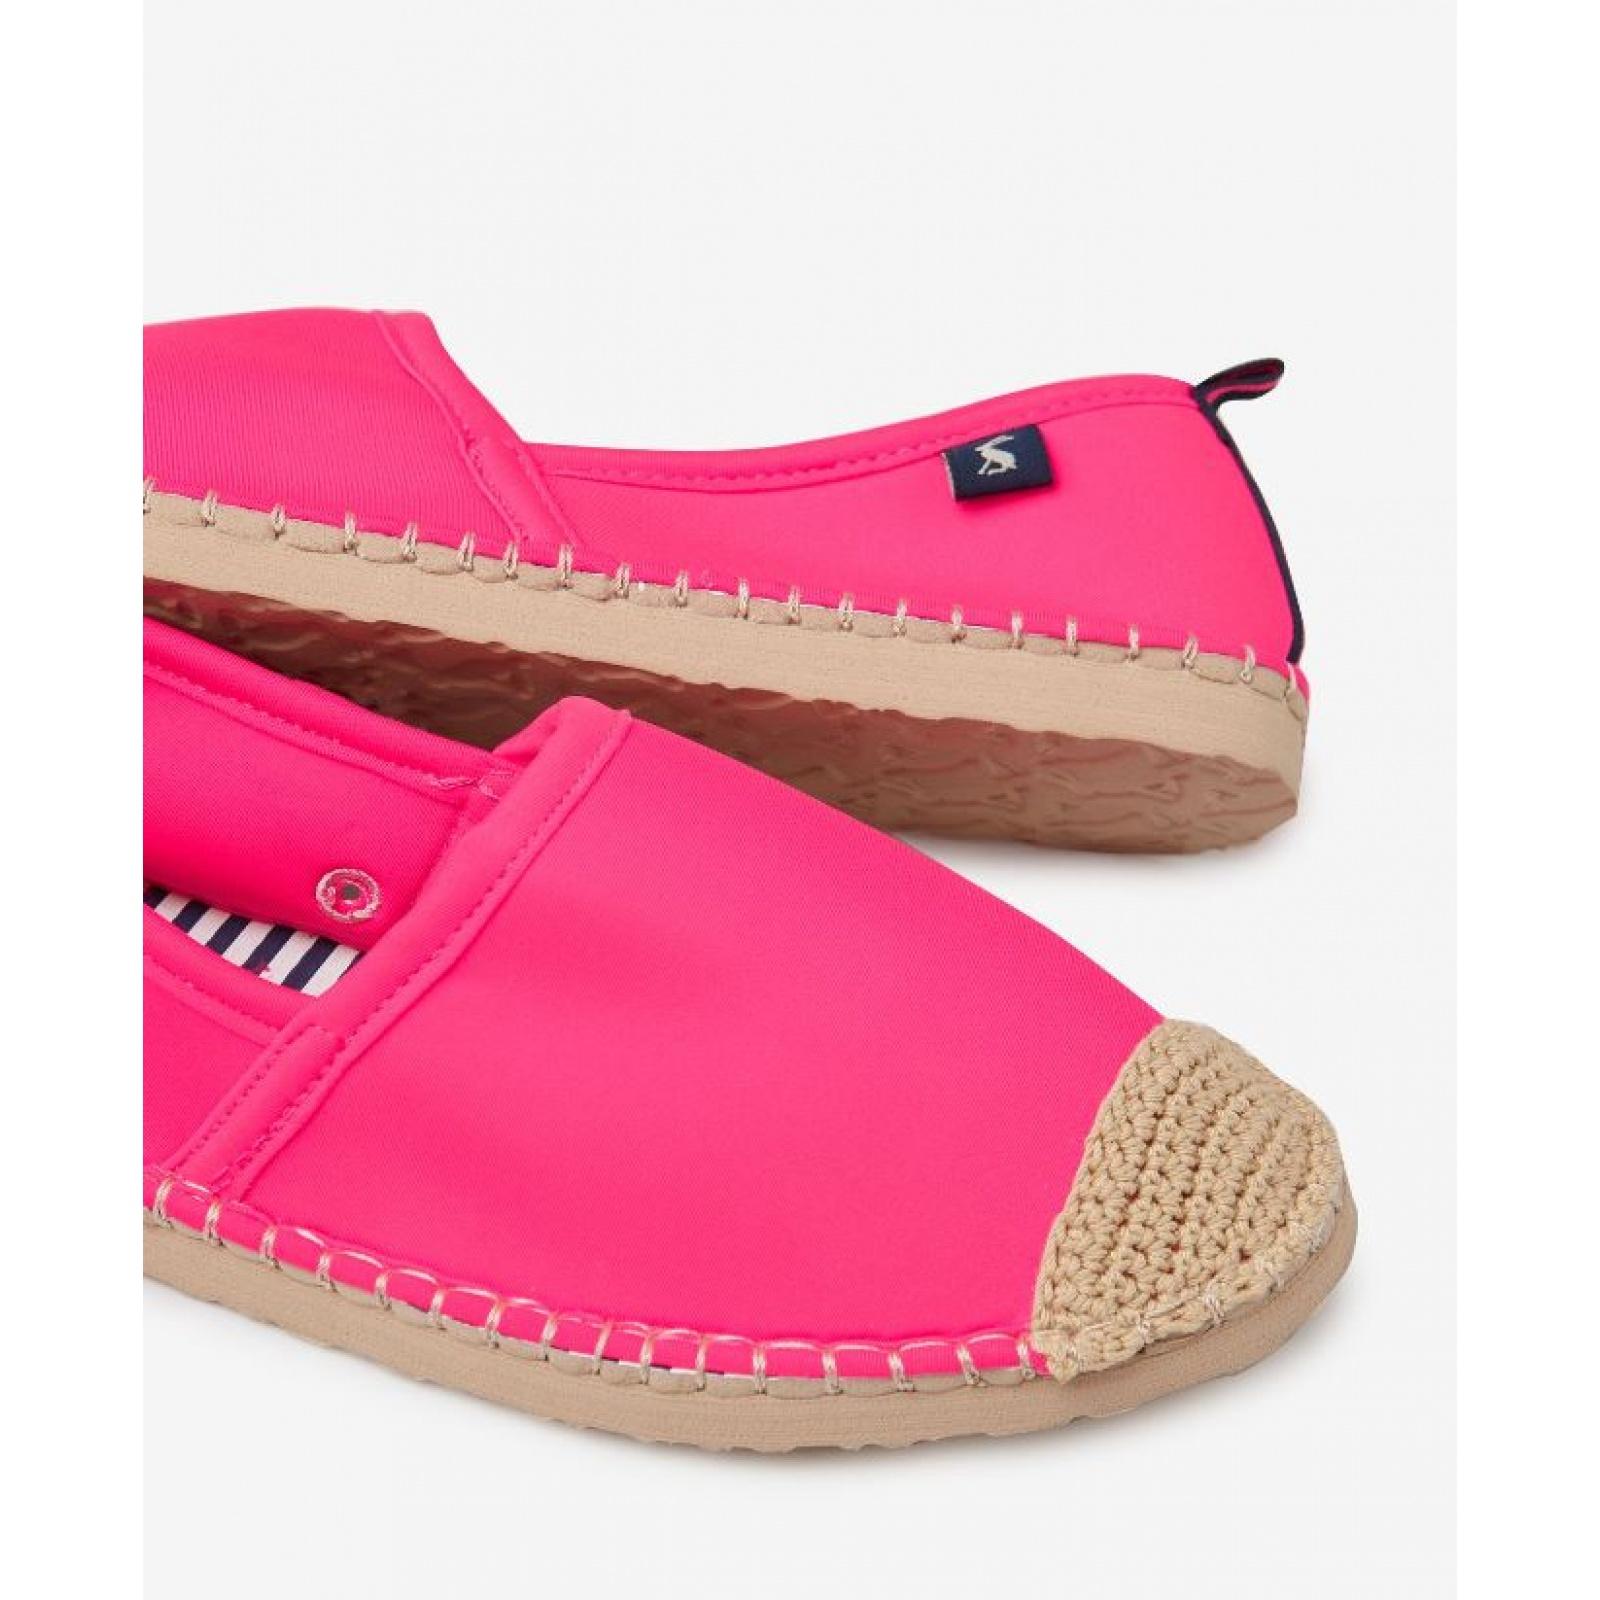 Joules-Ocean-Flipadrille-Lightweight-Summer-Shoe-SS19 miniature 10